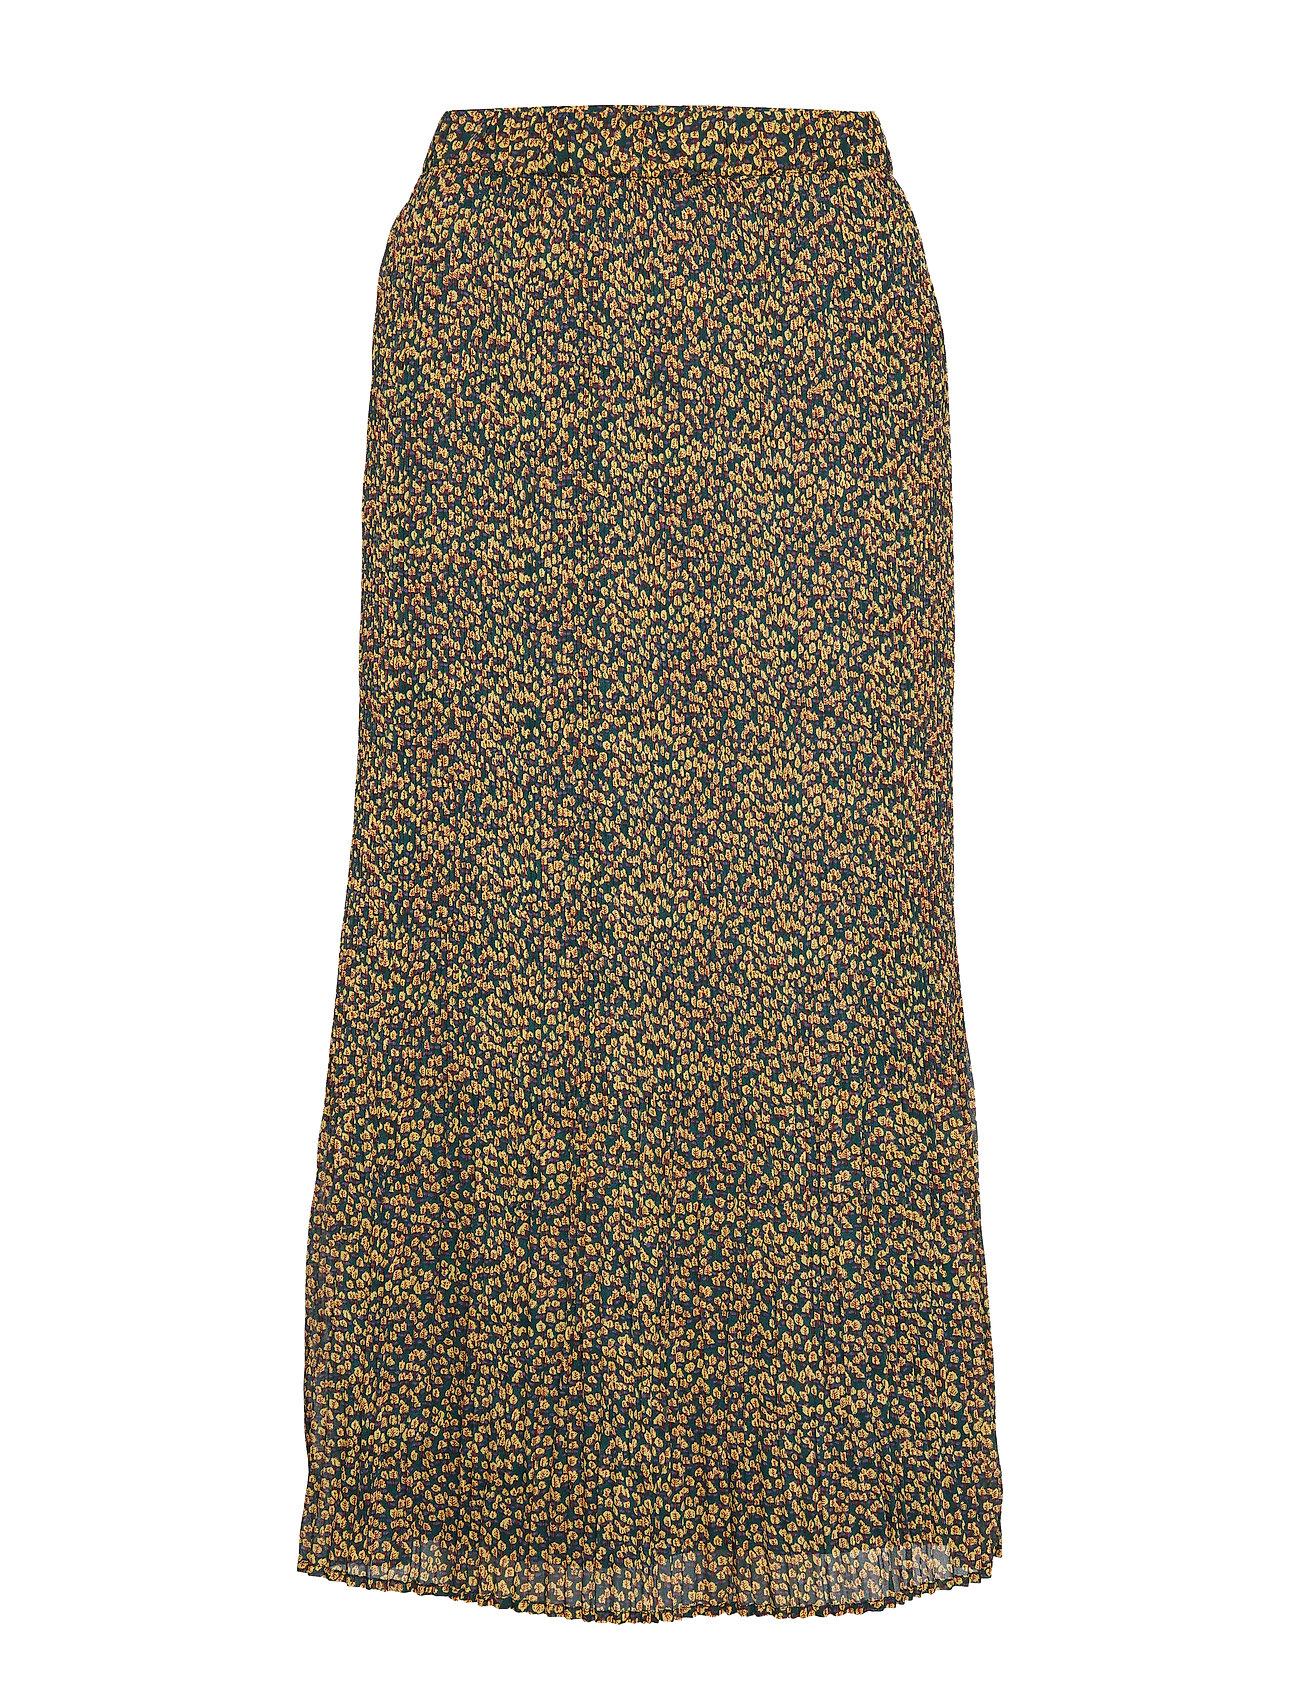 Minus Rikka long skirt - FLOWER FIELD PRINT